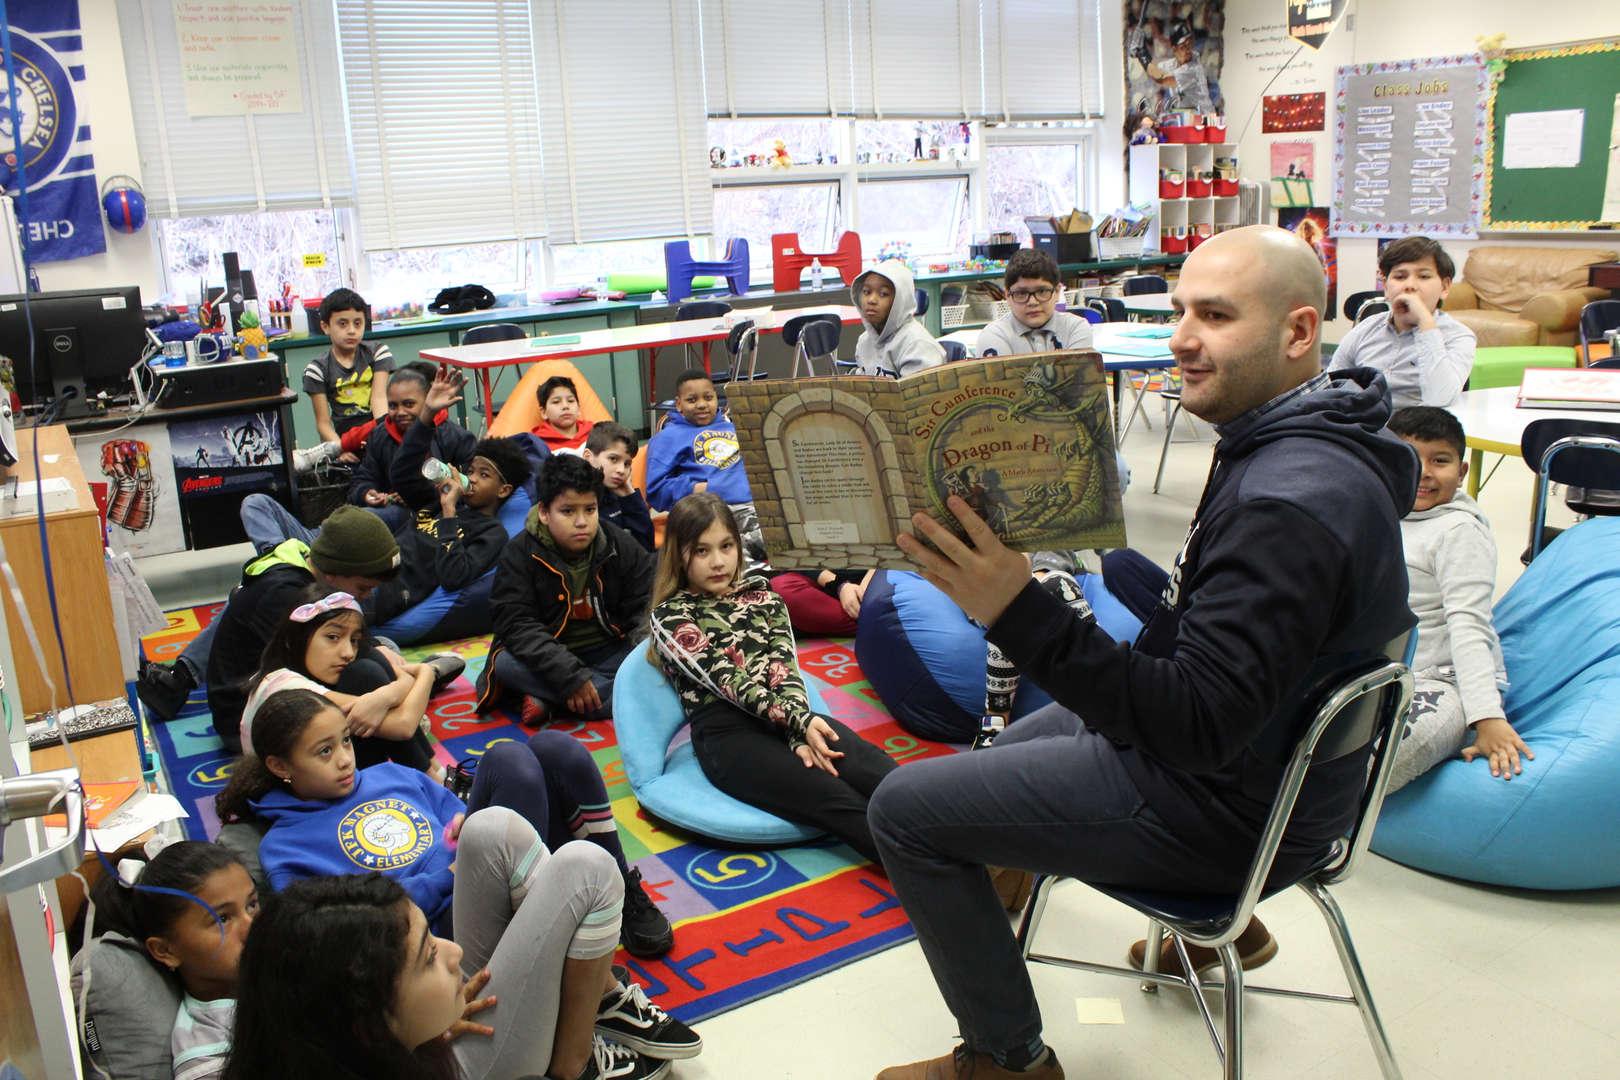 Man reads to children